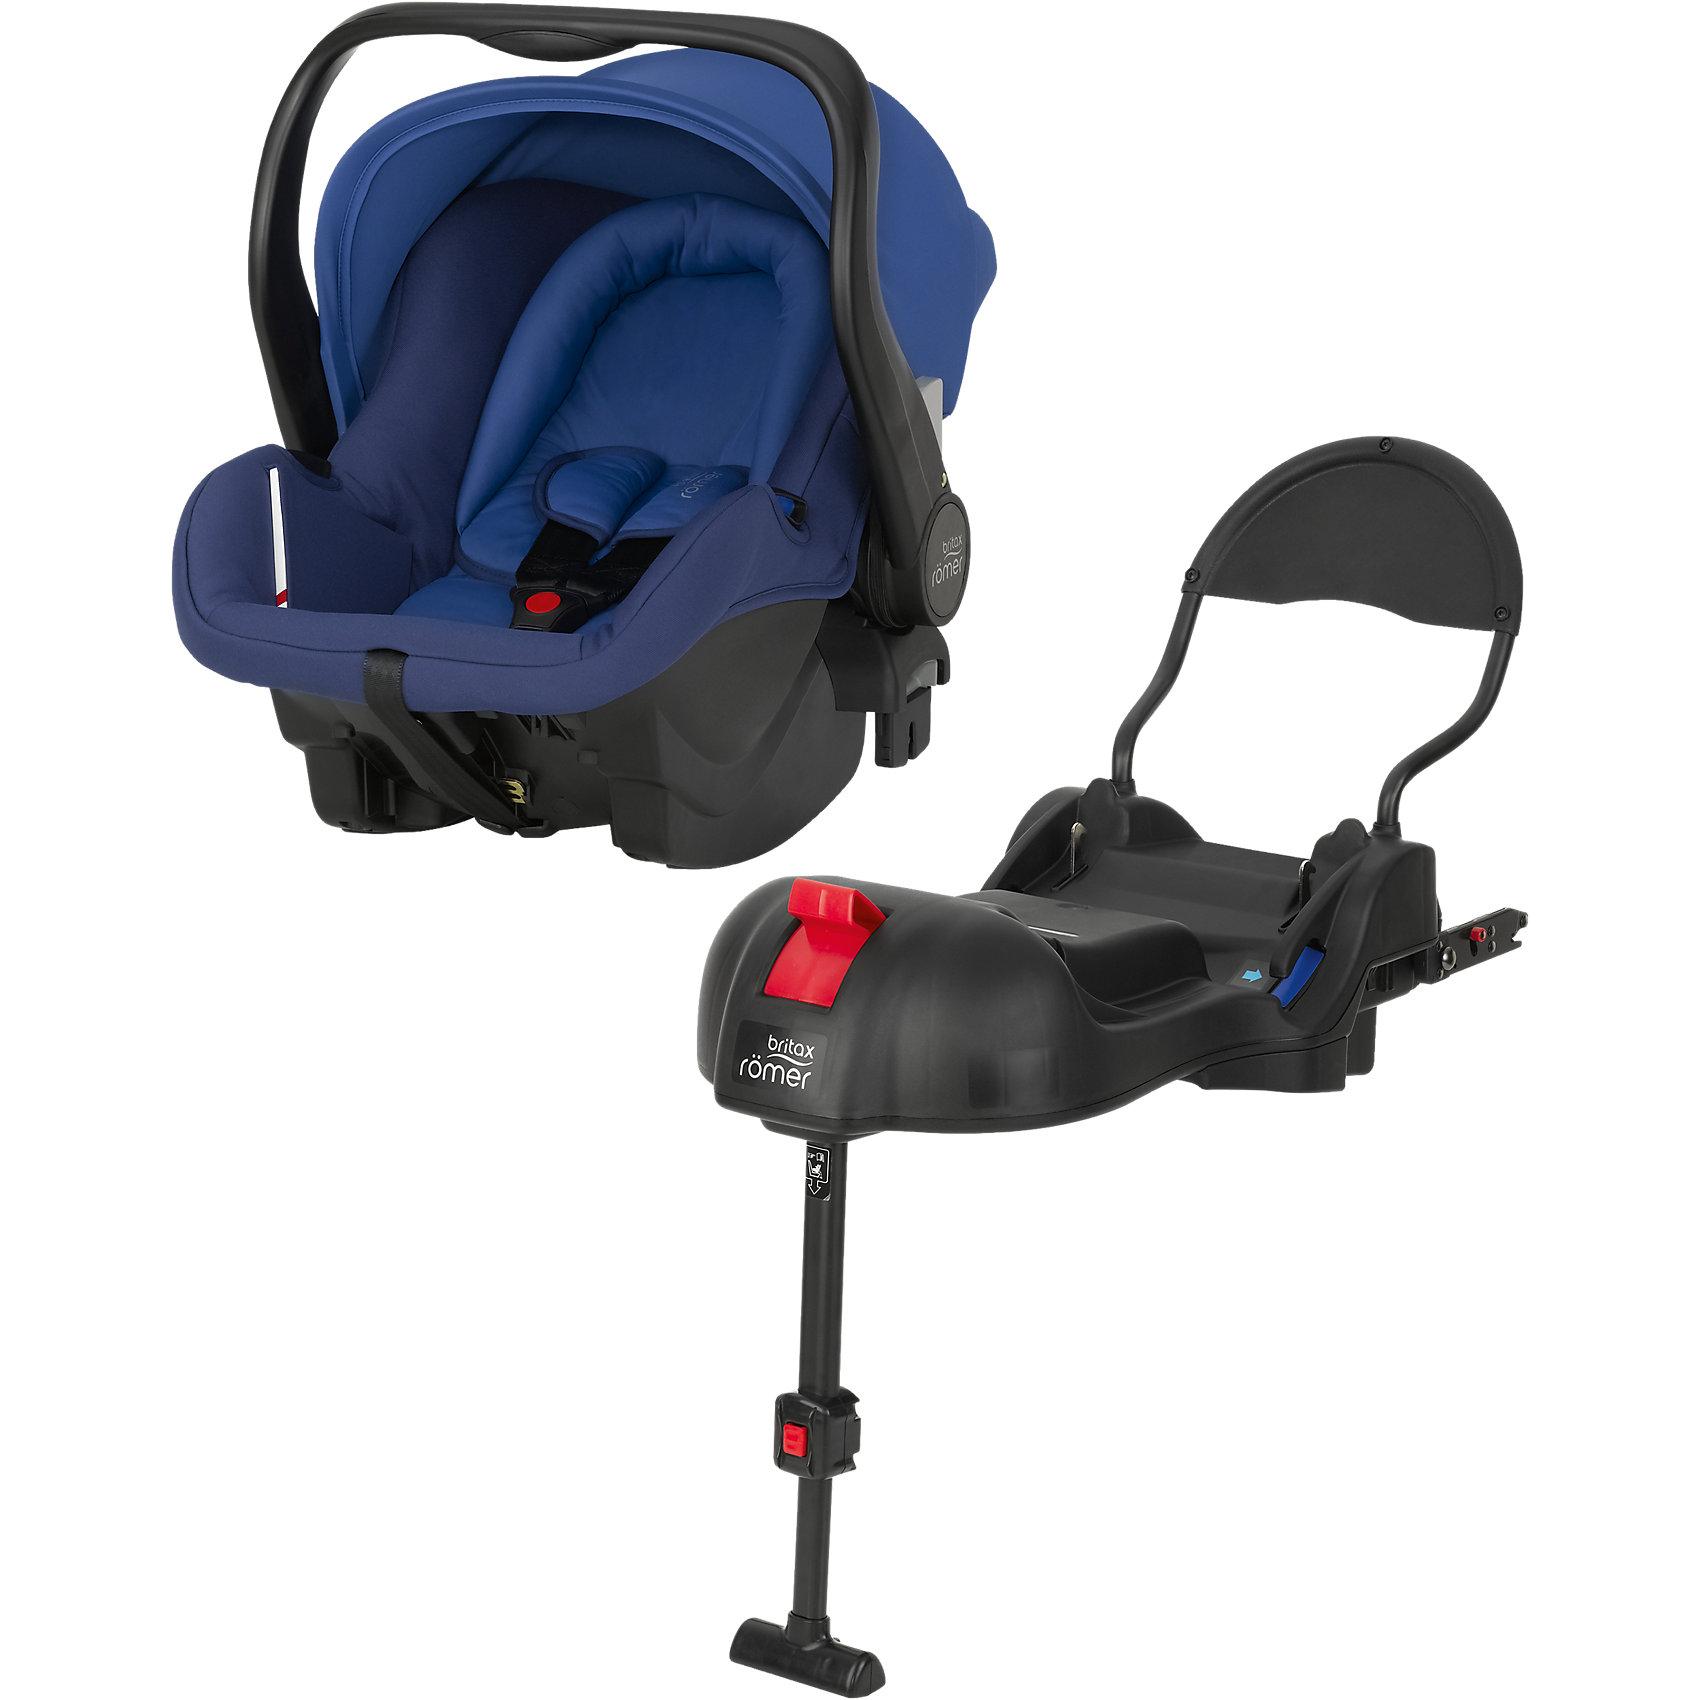 Автокресло Britax Romer PRIMO 0-13 кг, Ocean Blue Trendline + базаГруппа 0+ (До 13 кг)<br>Комплект: автолюлька для детей от 0 до 13 кг и база PRIMO. <br><br>Особенности автокресла Primo: <br>Внутренний 3-точечный ремень безопасности регулируется всего одним движением руки.<br>Специальный вкладыш для новорожденных, состоящий из 2 частей (подголовника с мягкими бортиками и подушки под спину), обеспечивает комфорт и безопасность во время сна. При необходимости вынимается, увеличивая свободное пространство внутри автокресла. Совместимость с детскими колясками BRITAX, оснащенными механизмом CLICK &amp; GO. Съемный капор для защиты от солнца и ветра с защитой от УФ-излучения 50+. Эргономичная ручка для переноски: для ношения и использования в авто; для укладывания ребенка; для надежной установки за пределами автомобиля. Быстросъемный моющийся чехол с мягкой подкладкой, не требующий расцепления ремня безопасности. Изогнутое основание для укачивания или кормления. Глубокие боковины с мягкой обивкой и плечевые накладки на внутренних ремнях для еще большего комфорта ребенка. Быстрая и простая установка с помощью 3-точечного ремня безопасности автомобиля или специальной базы PRIMO. Вес: 4,7 кг. Габариты: 66 - 82 х 32,5 х 70 см<br>Особенности базы Primo:<br>Легко регулируемая опора придает дополнительную устойчивость конструкции. Цветовые индикаторы информируют о надежном креплении детского кресла и правильном размещении опоры. Пластина против отскока оптимизирует защитное действие в критической ситуации. Легко складывается для дальнейшего хранения, не занимая много места. База может оставаться в автомобиле. Продается только в комплекте с автолюлькой PRIMO. Крепление с помощью ремня и Isofix.<br><br>Ширина мм: 730<br>Глубина мм: 490<br>Высота мм: 485<br>Вес г: 12274<br>Цвет: синий<br>Возраст от месяцев: 0<br>Возраст до месяцев: 12<br>Пол: Мужской<br>Возраст: Детский<br>SKU: 4292289